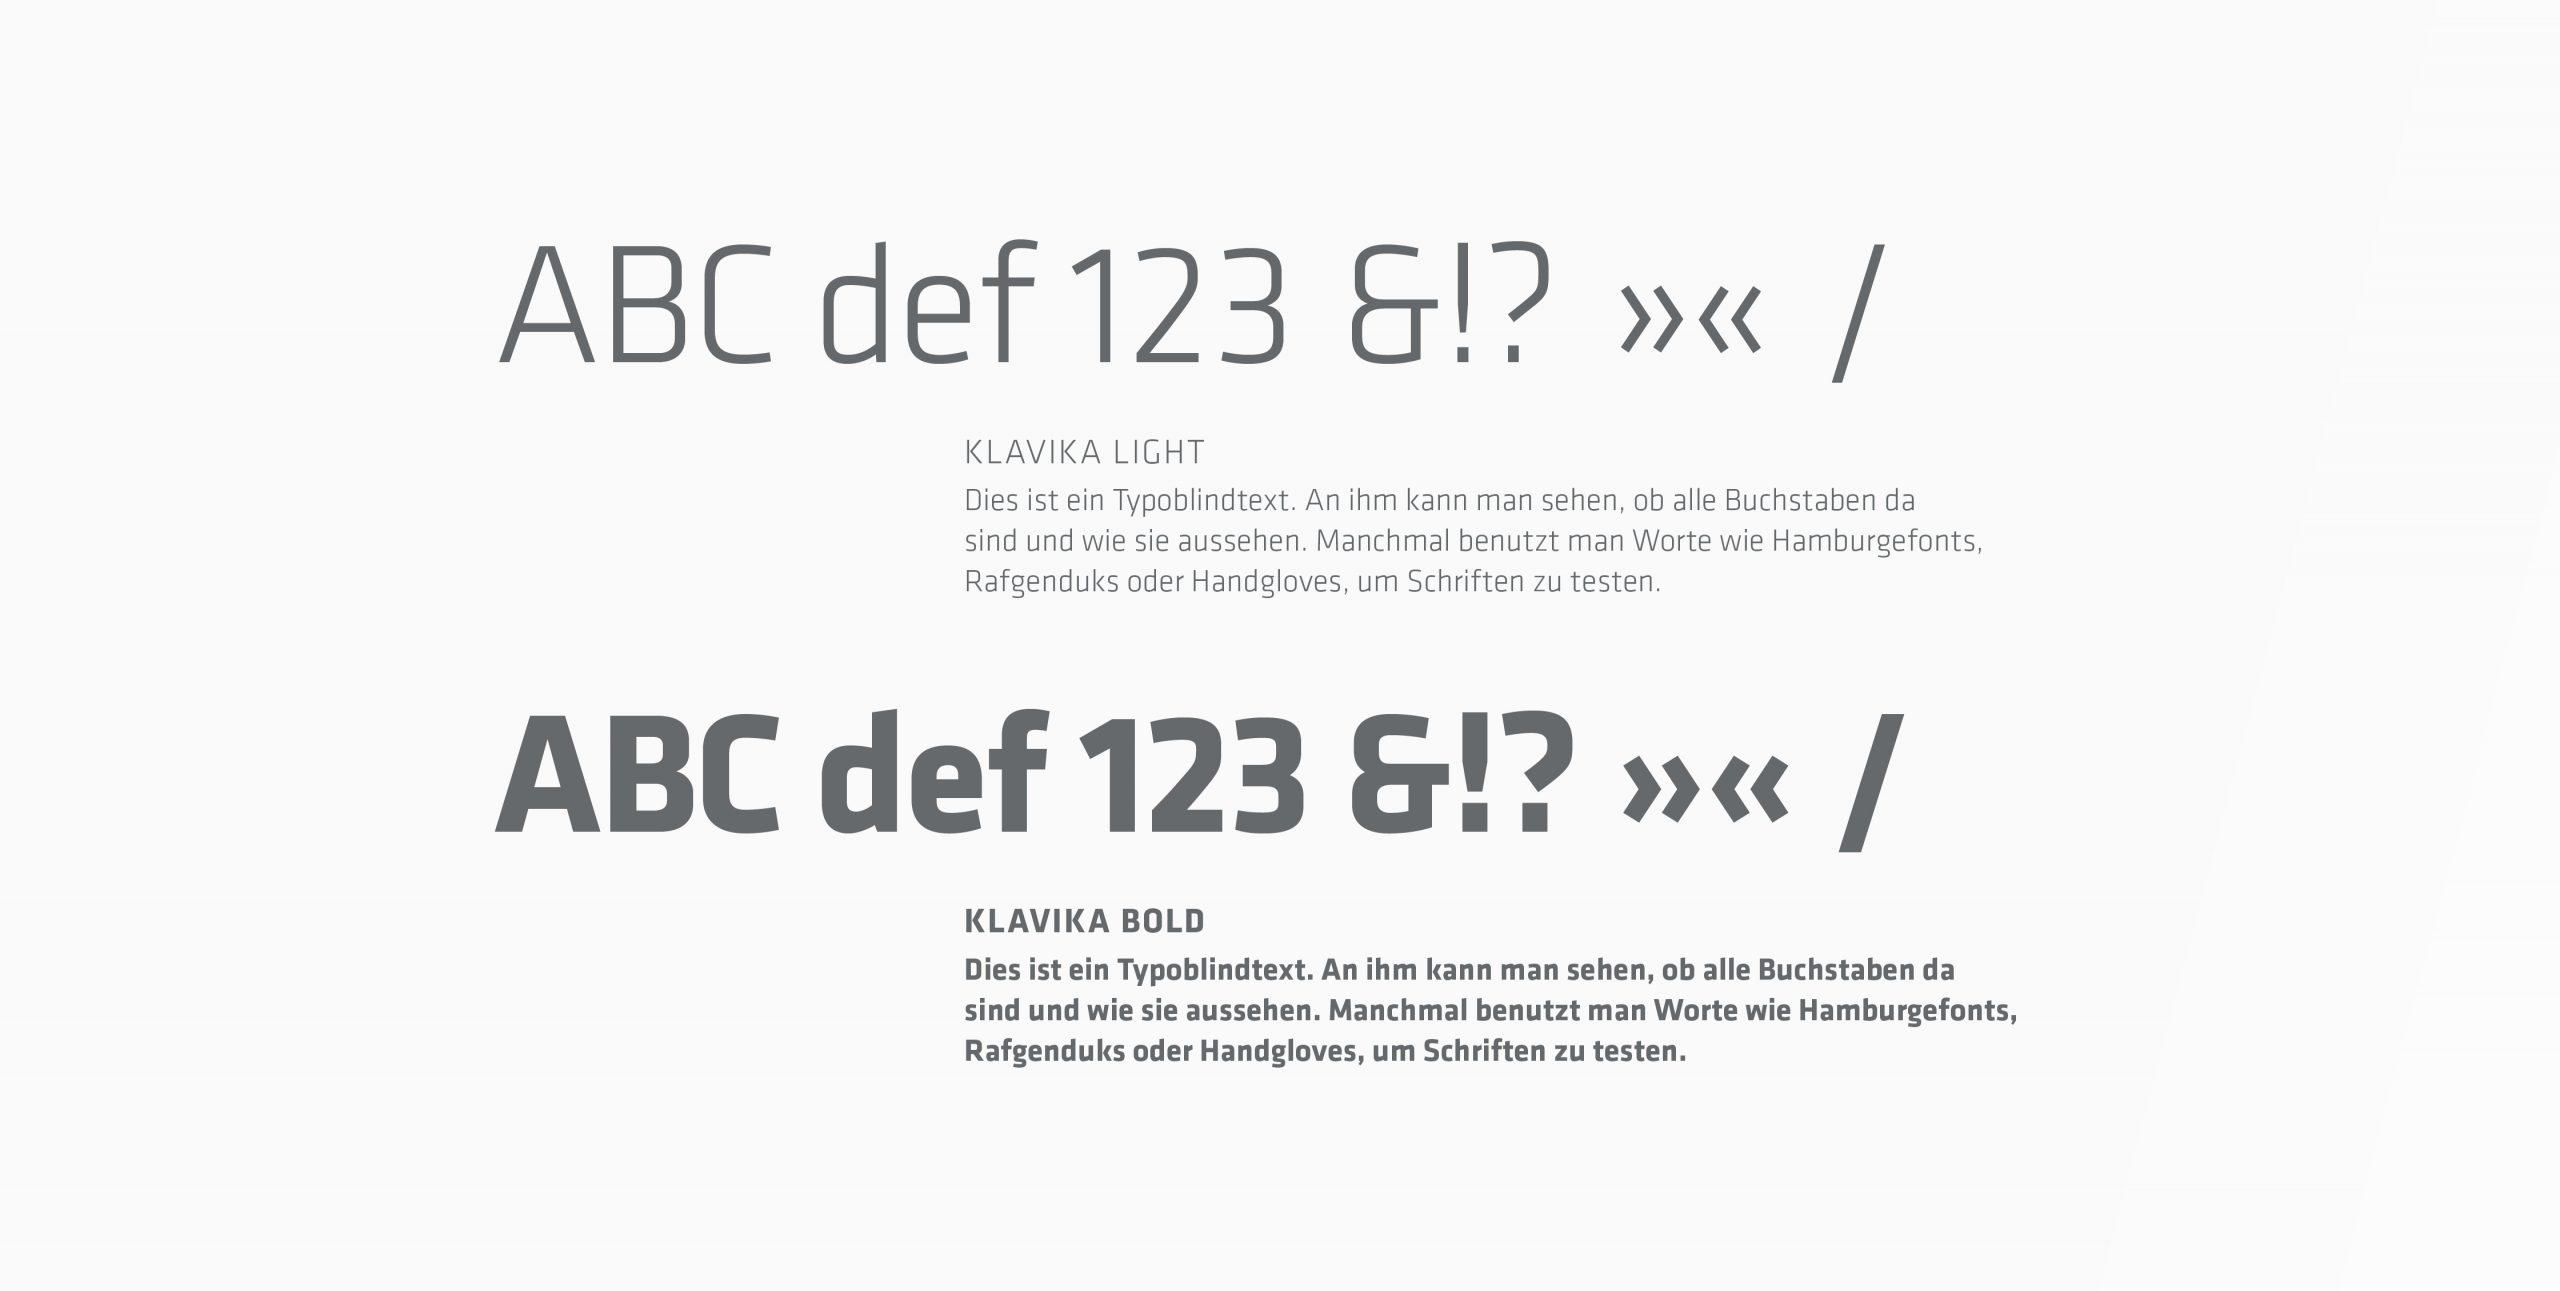 Philips Pensionskasse: CD-Entwicklung von Bosbach, Typografie